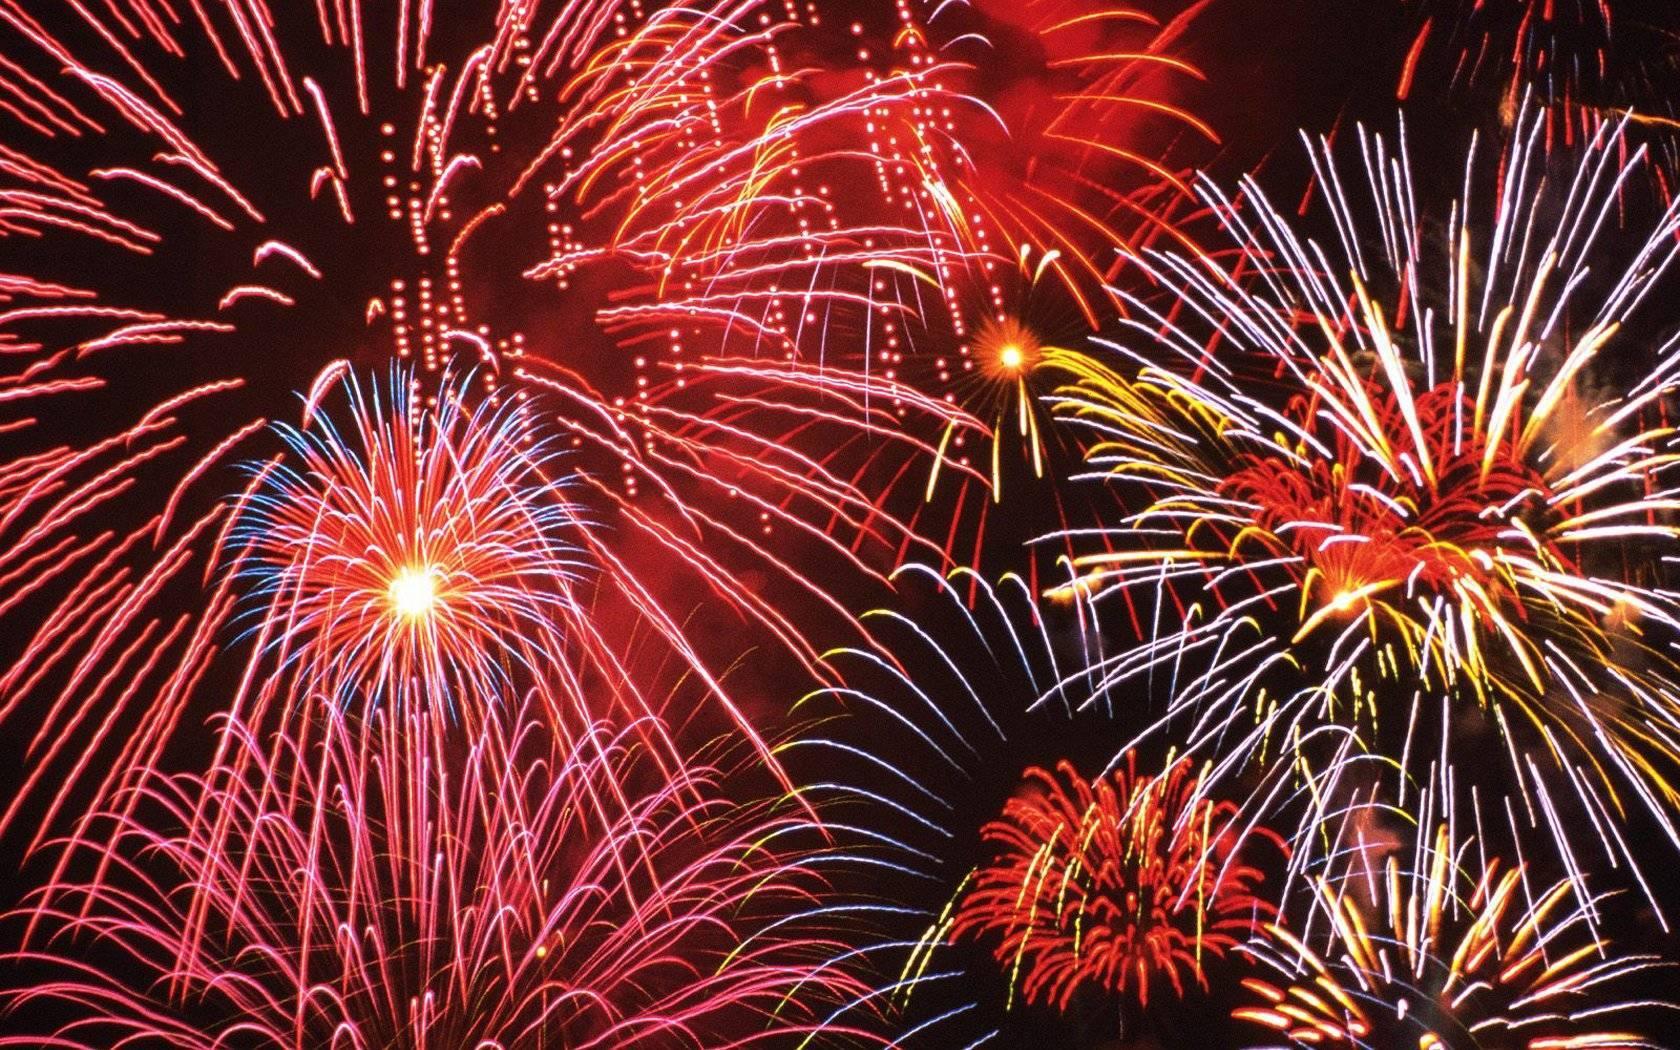 2a6b2ac8f91a5bb85ed1_fireworks.jpg